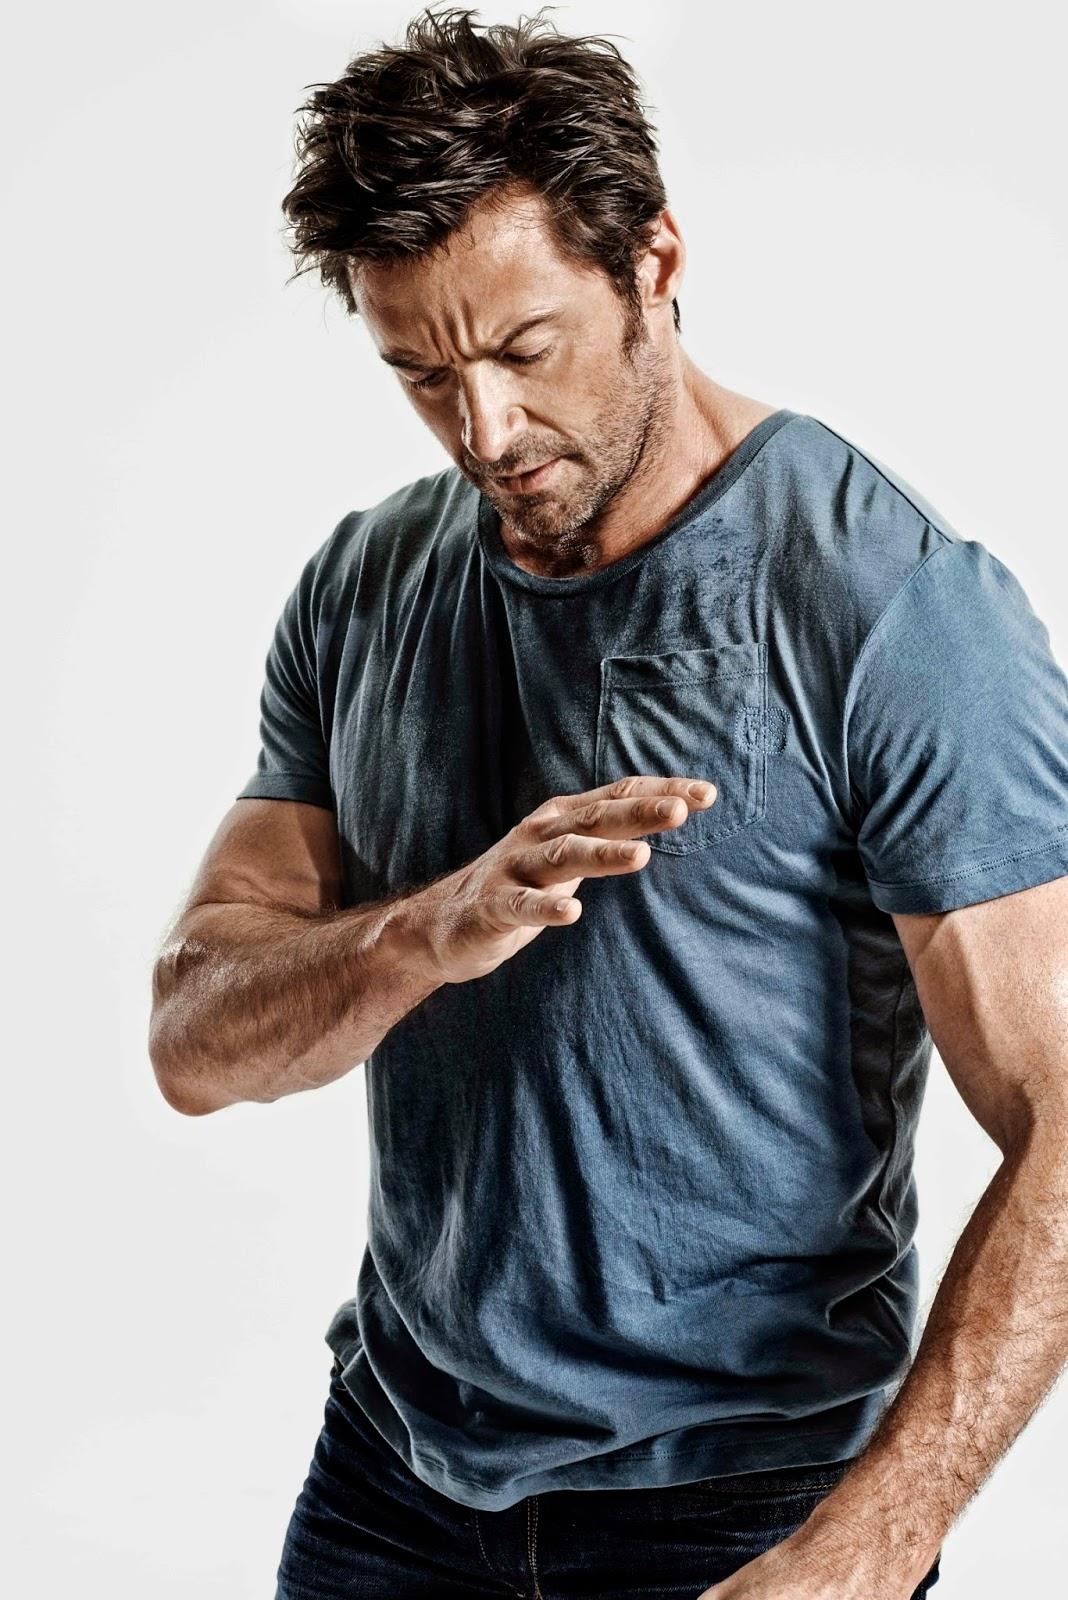 Hugh jackman workout ~...